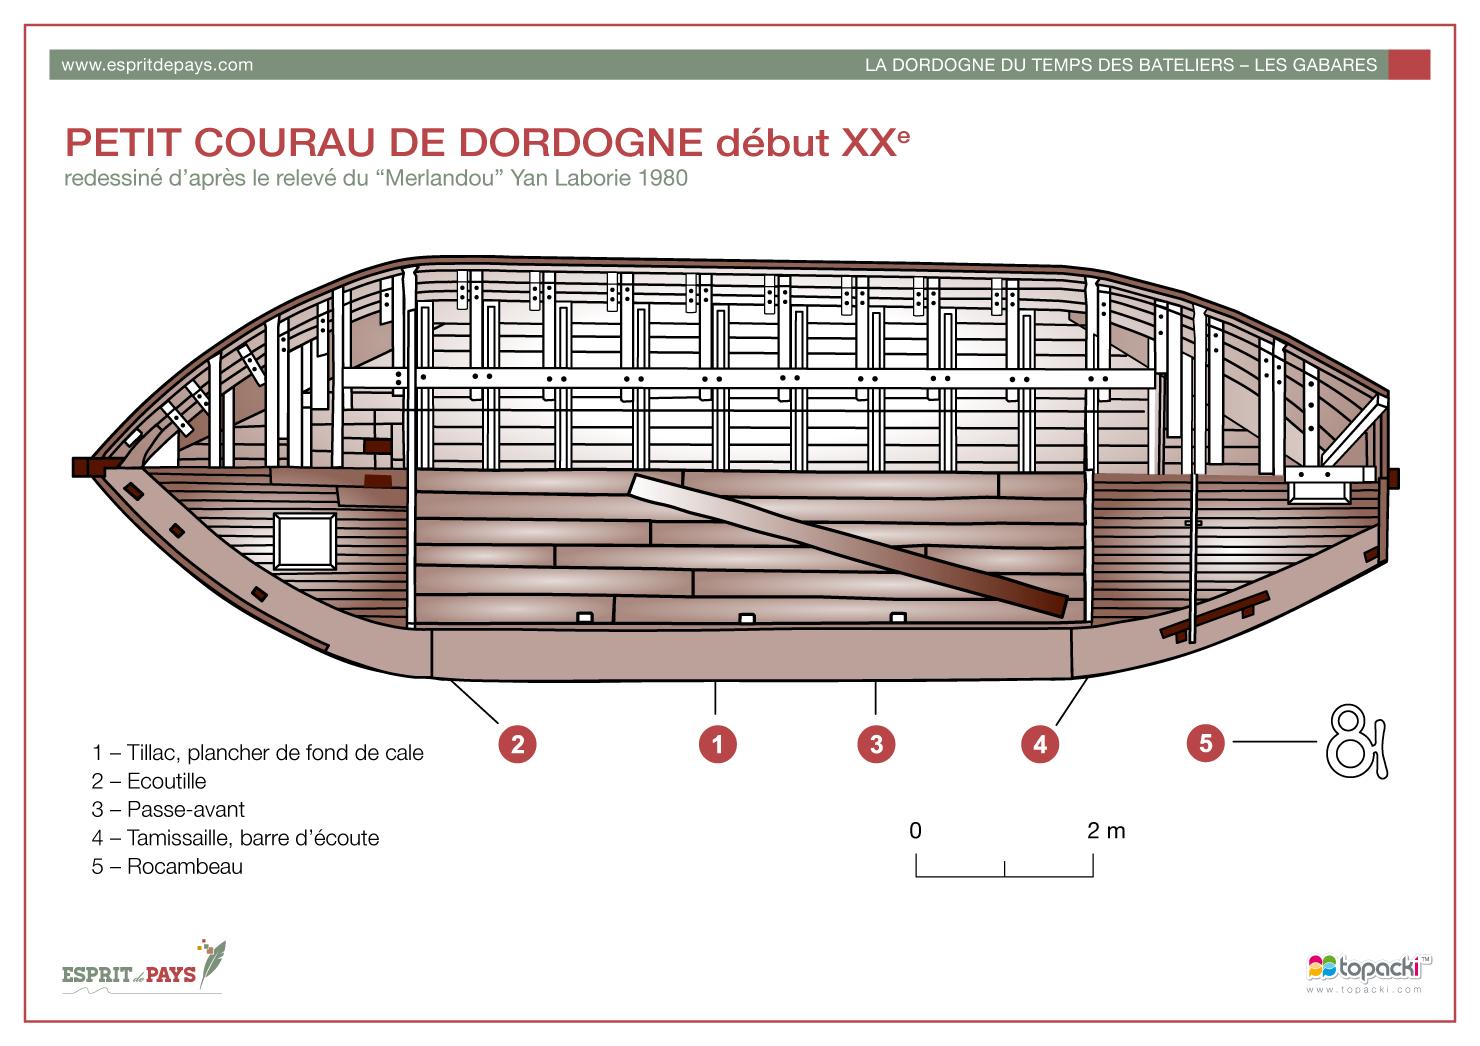 Croquis : Petit Courau de Dordogne vue de dessus